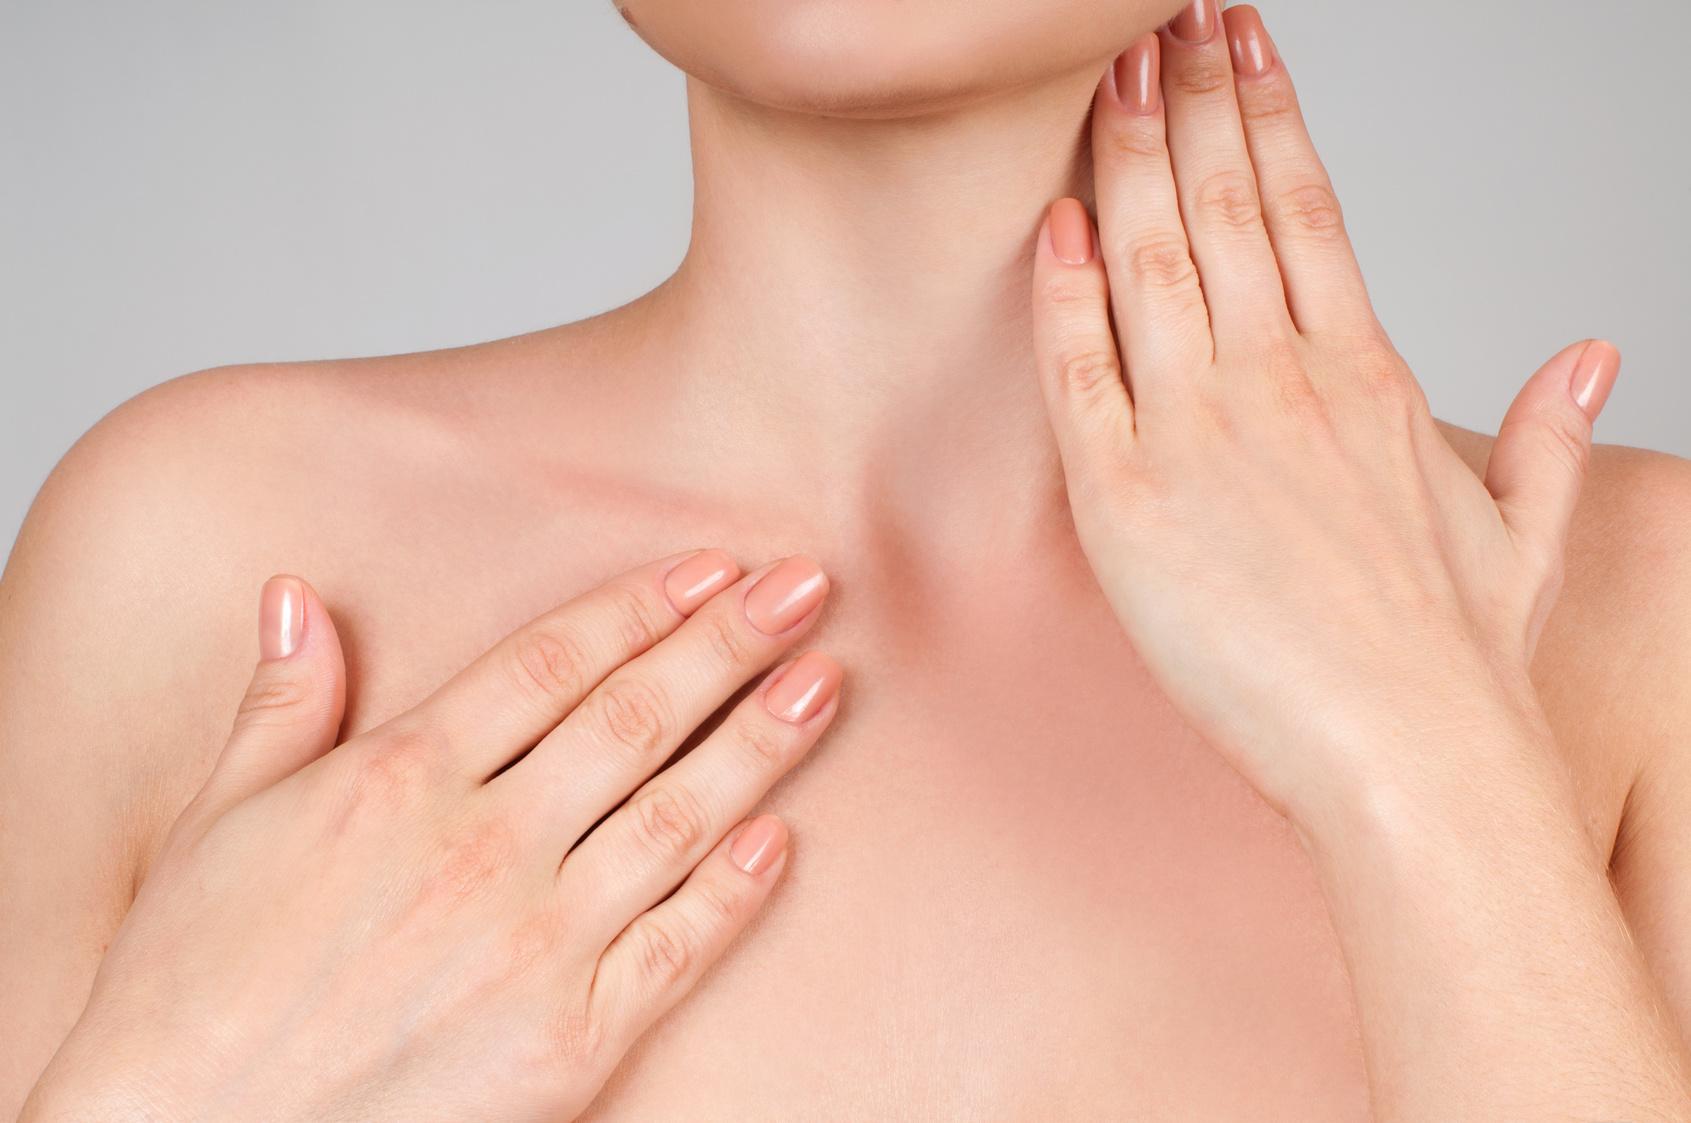 Wiotka skóra ramion - HIFU